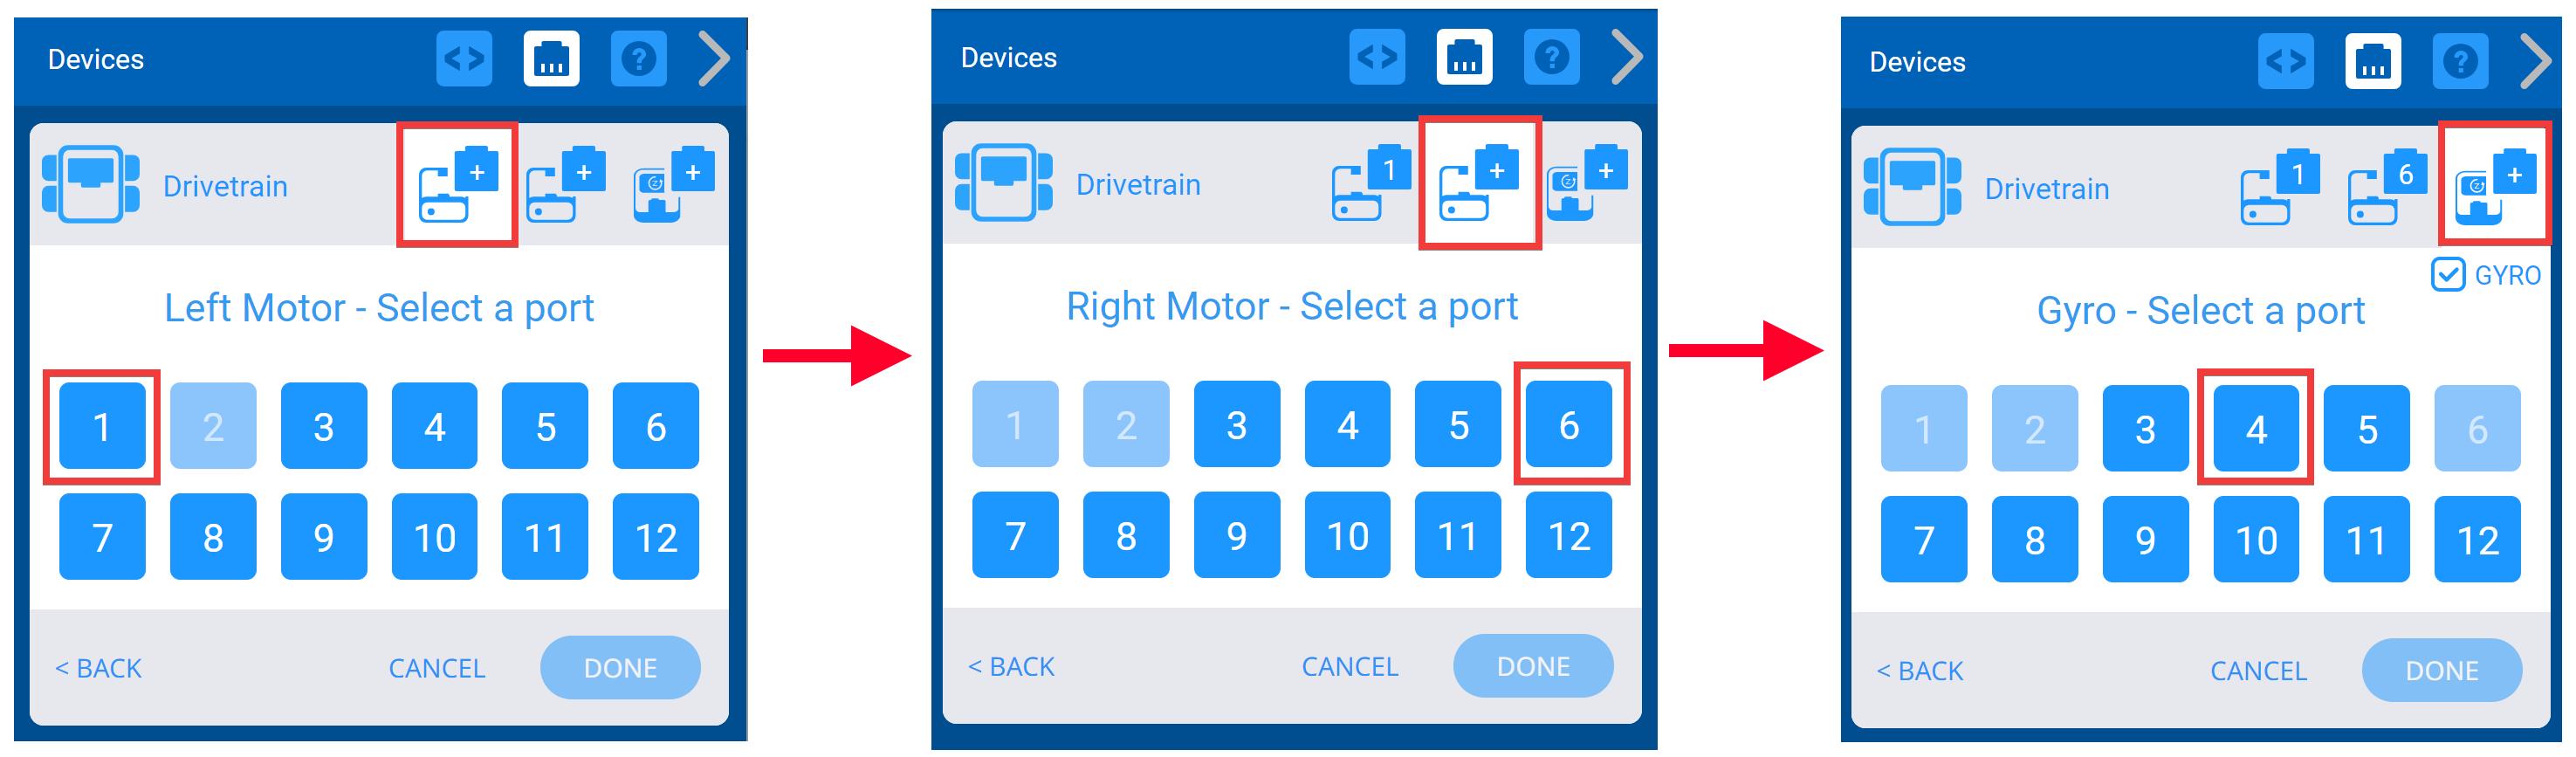 drivetrain_motors_1_and_6_and_gyro_4.png